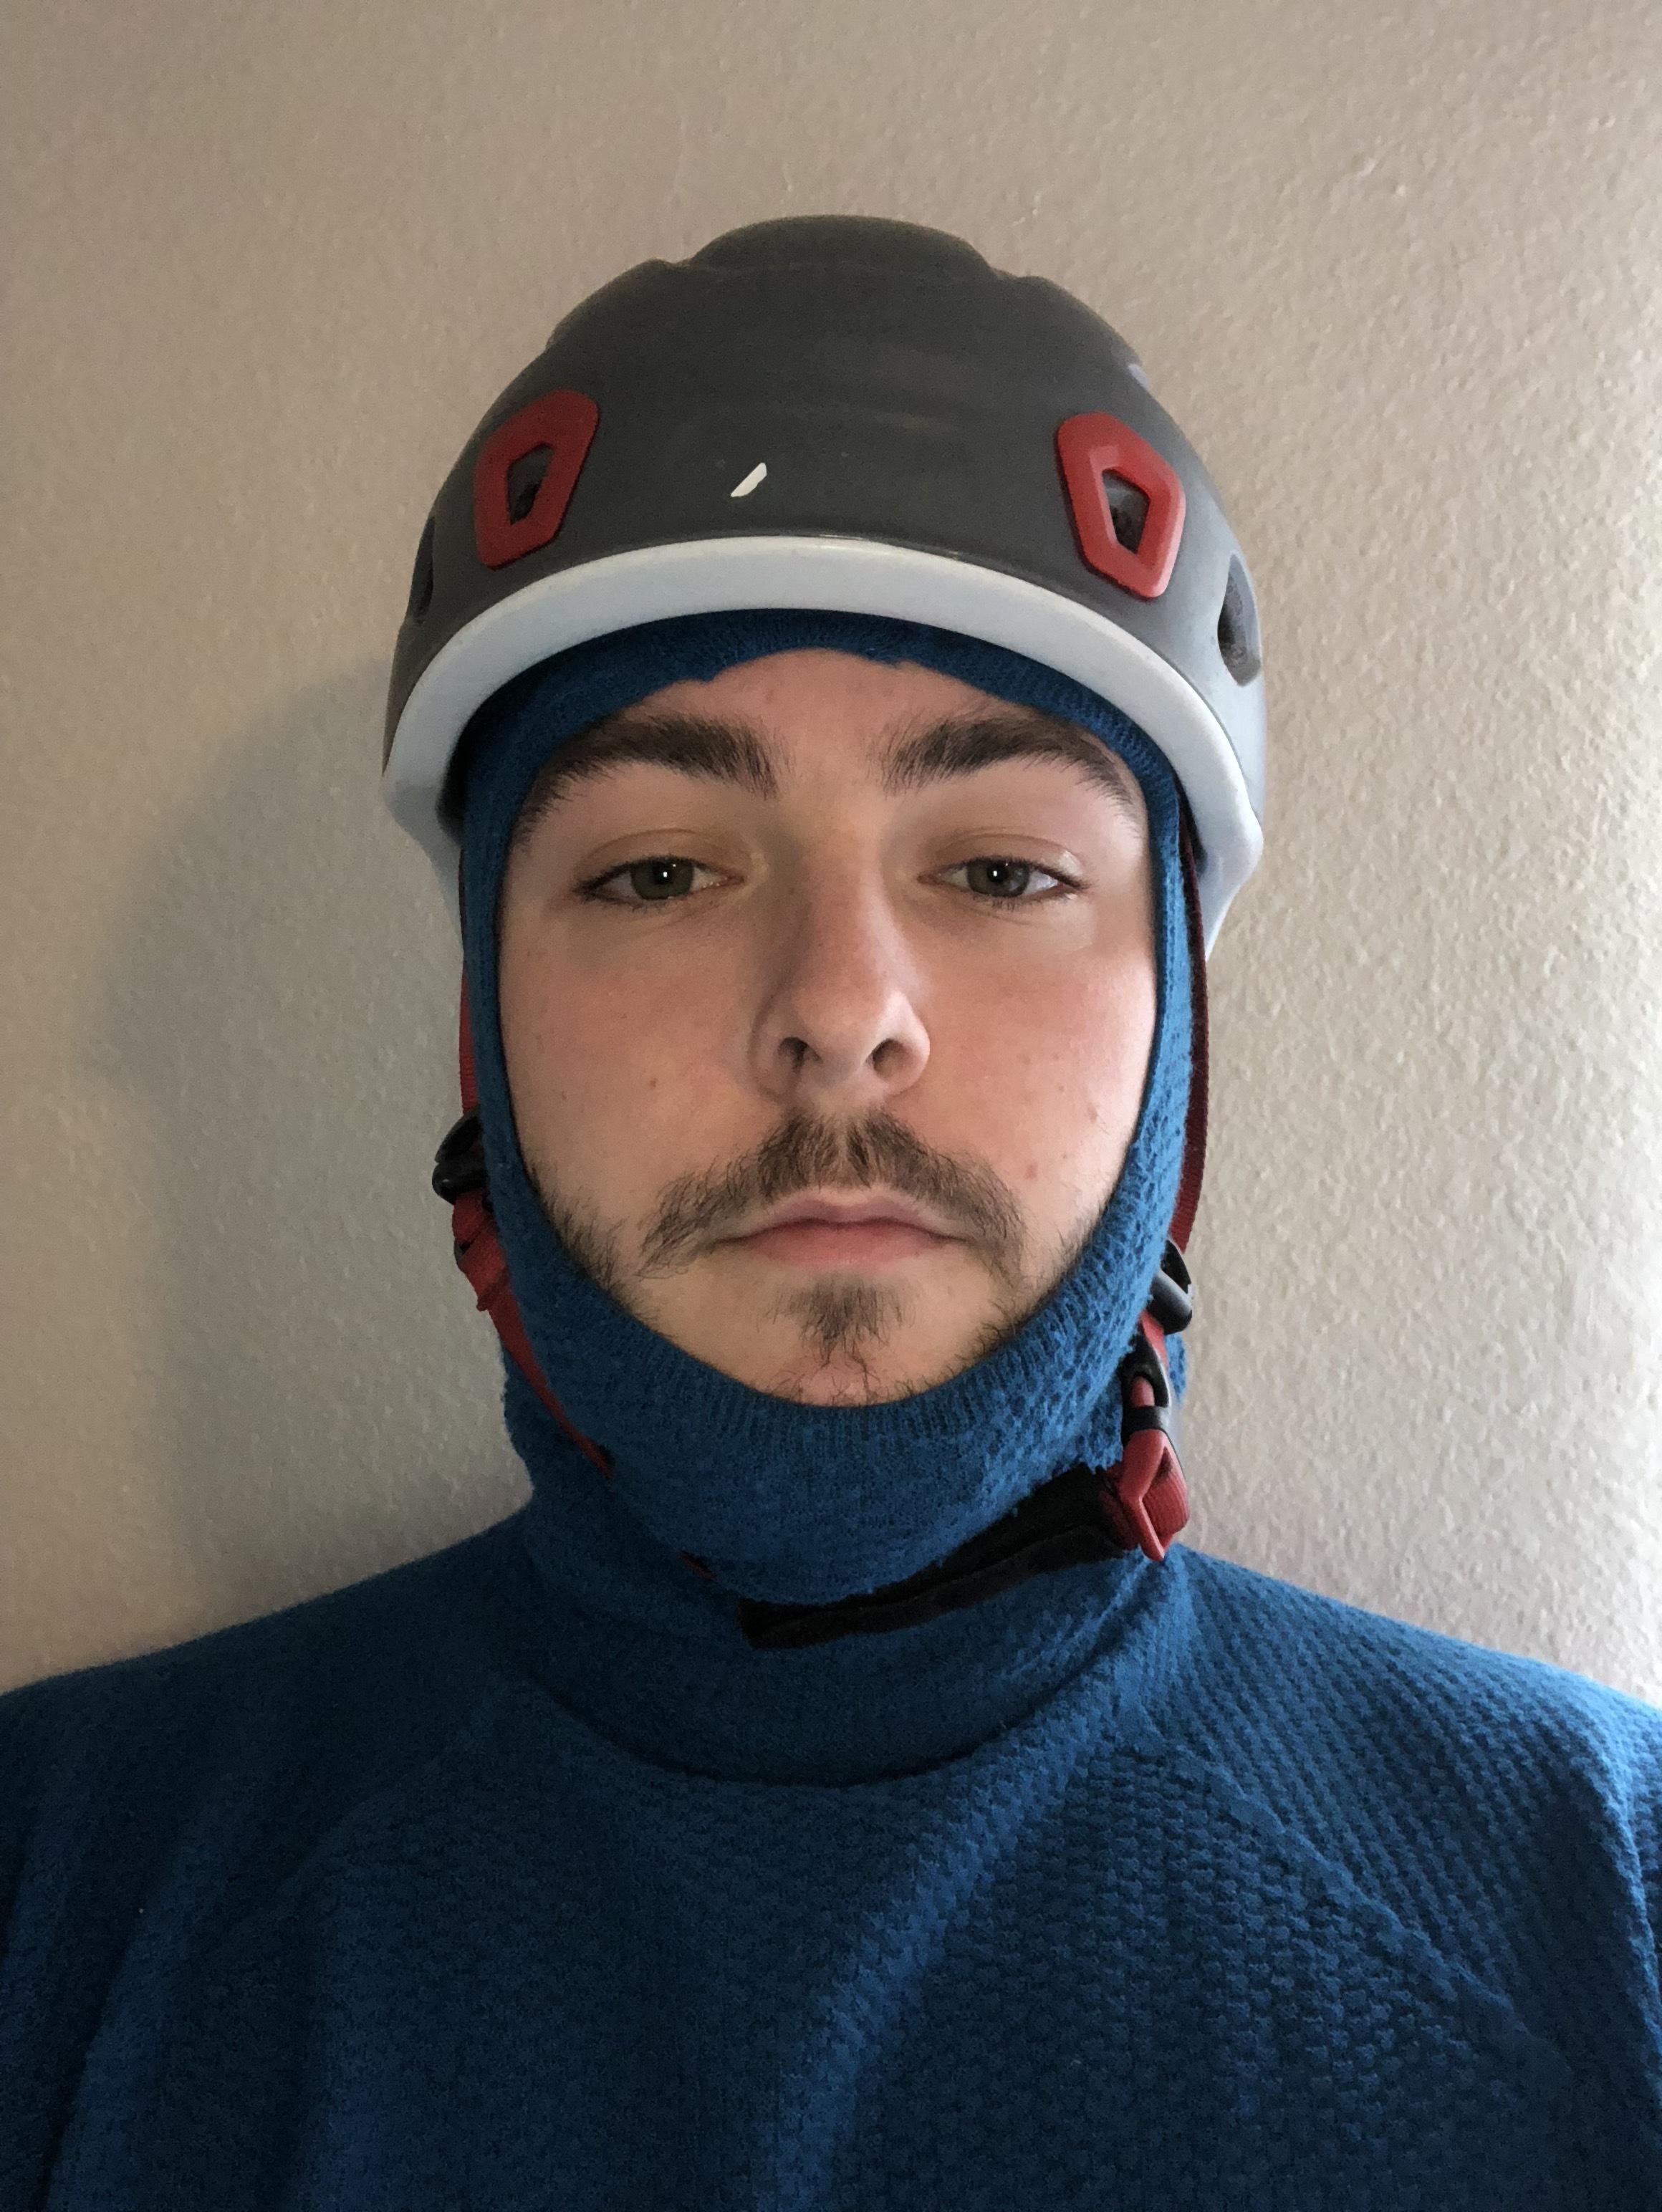 Hoody fit with helmet